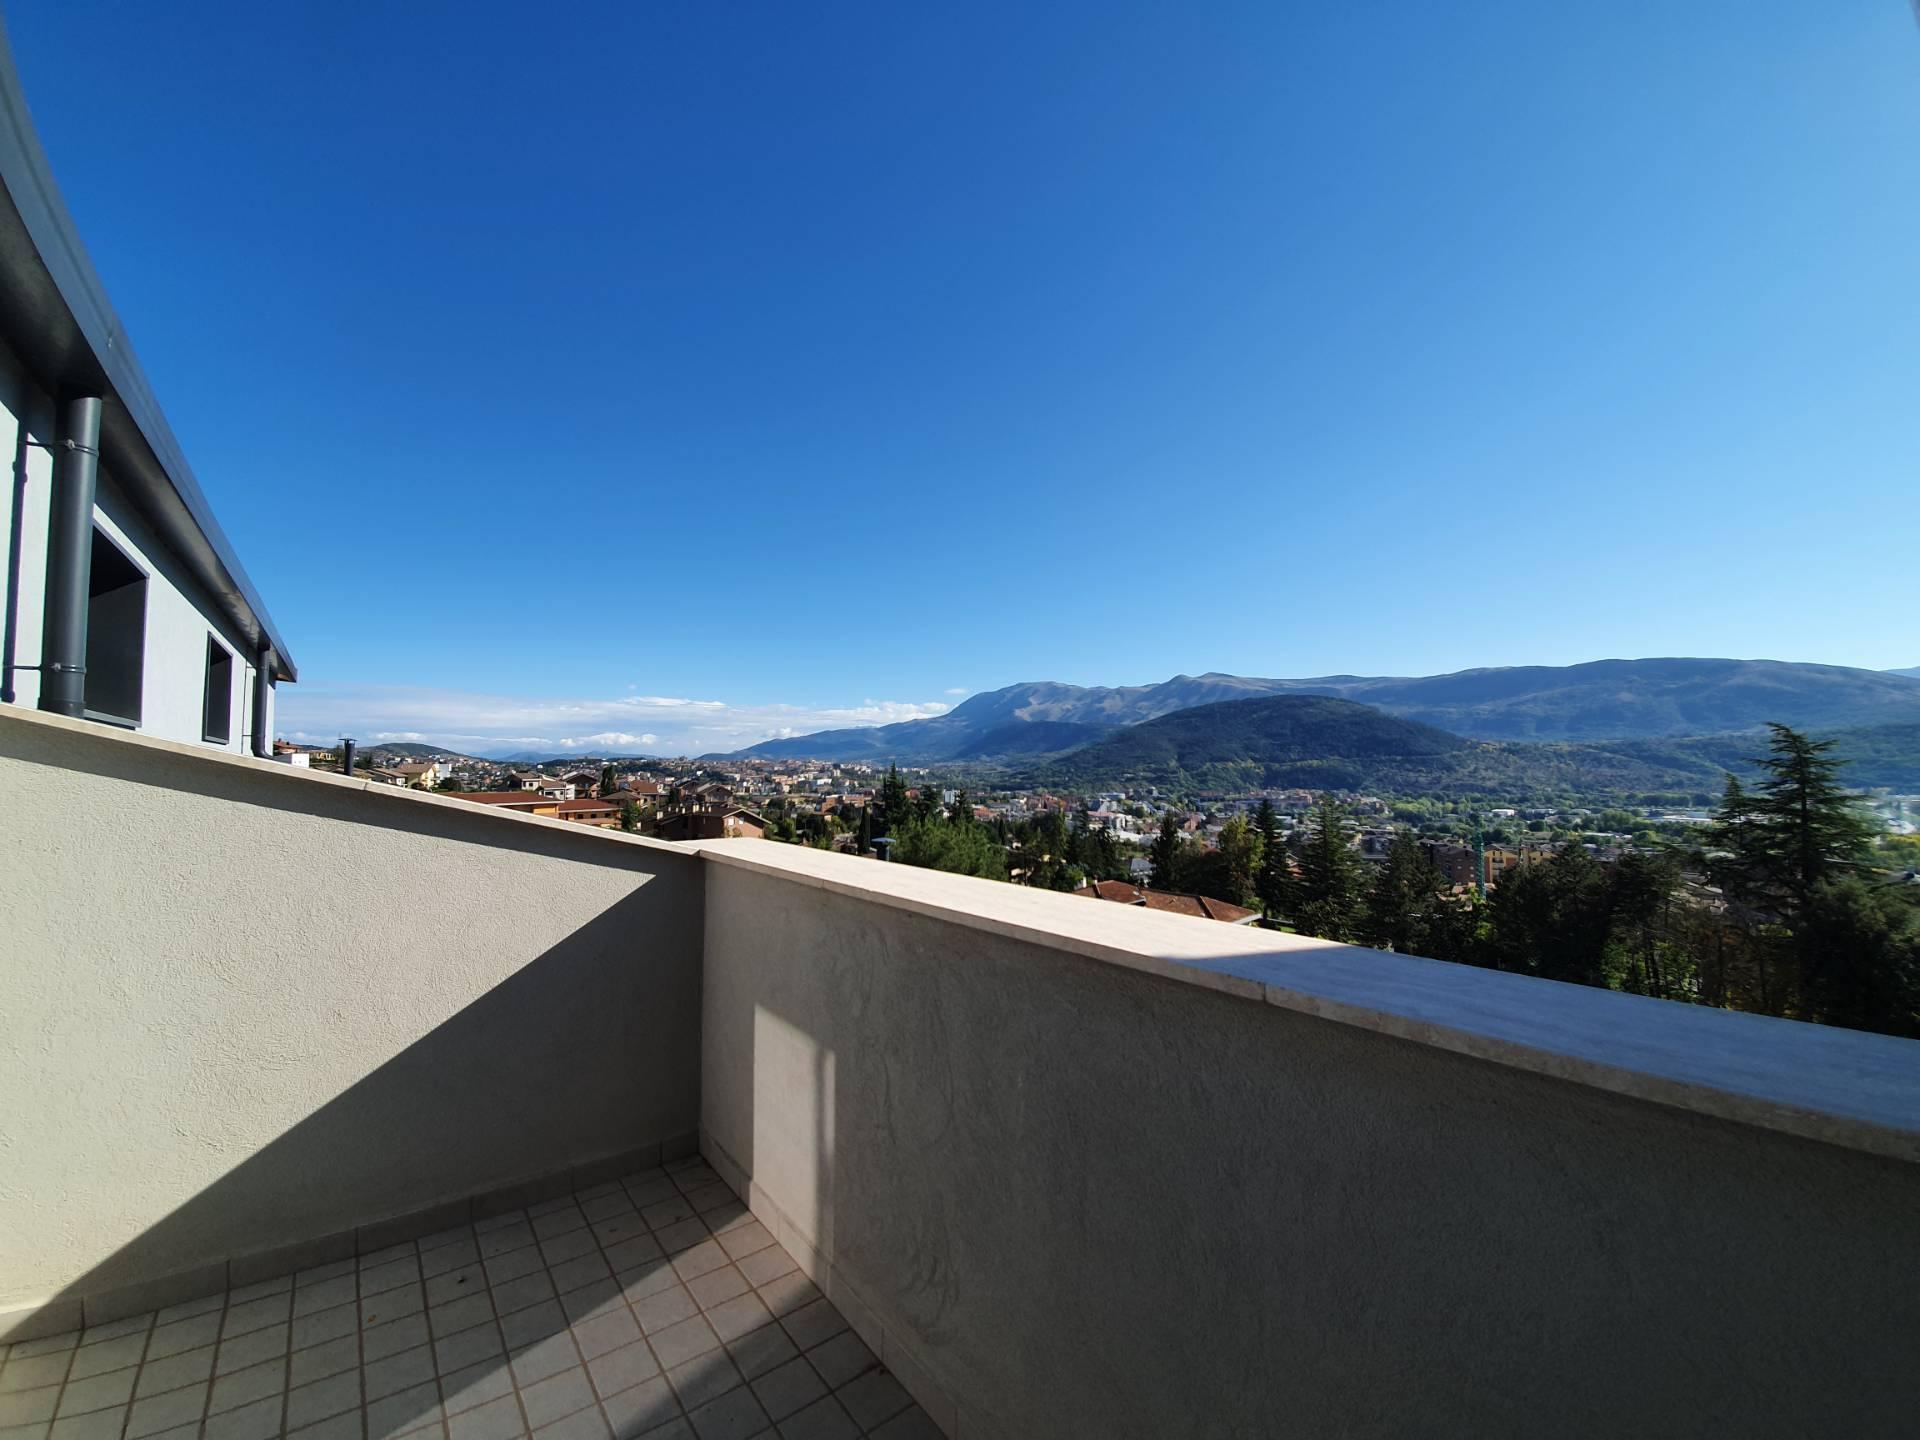 Appartamento in vendita a L'Aquila, 4 locali, zona ino, prezzo € 145.000 | PortaleAgenzieImmobiliari.it